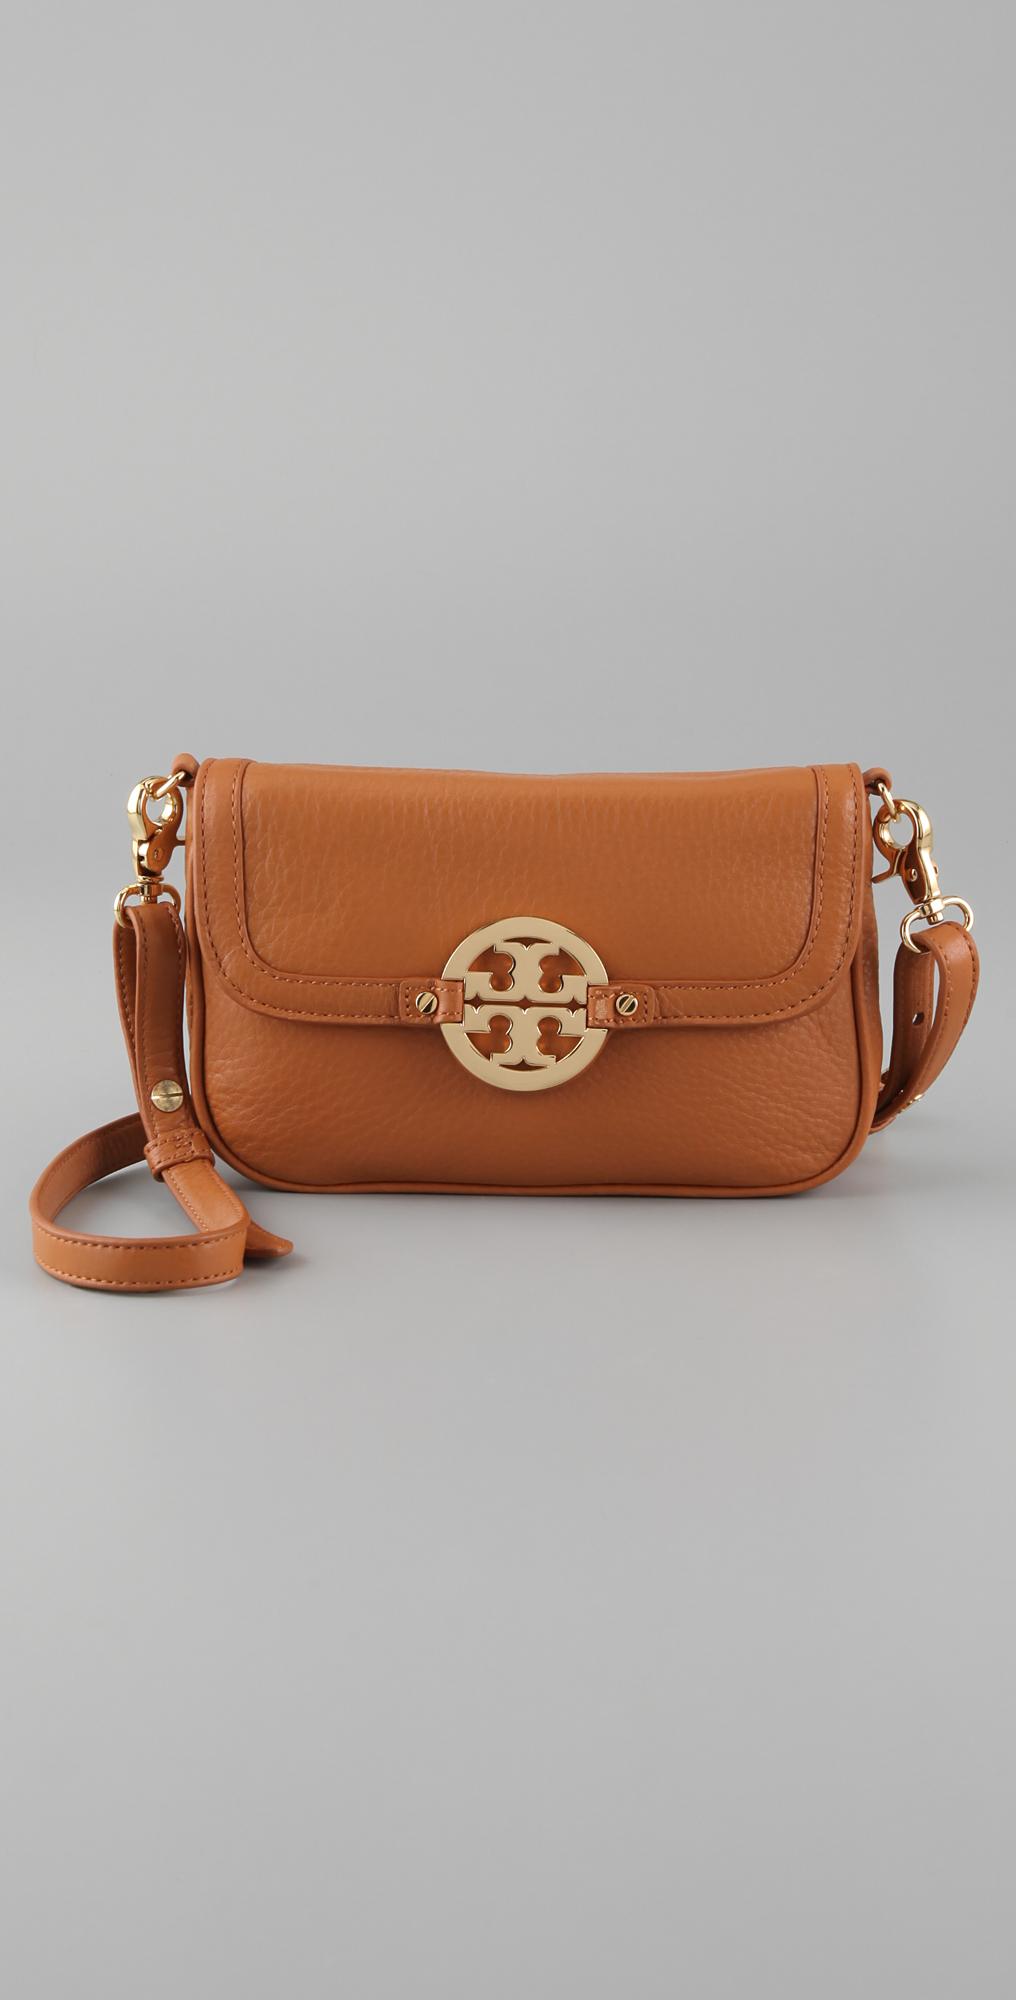 a73ddd4a9cd Tory Burch Angelux Amanda Cross Body Bag